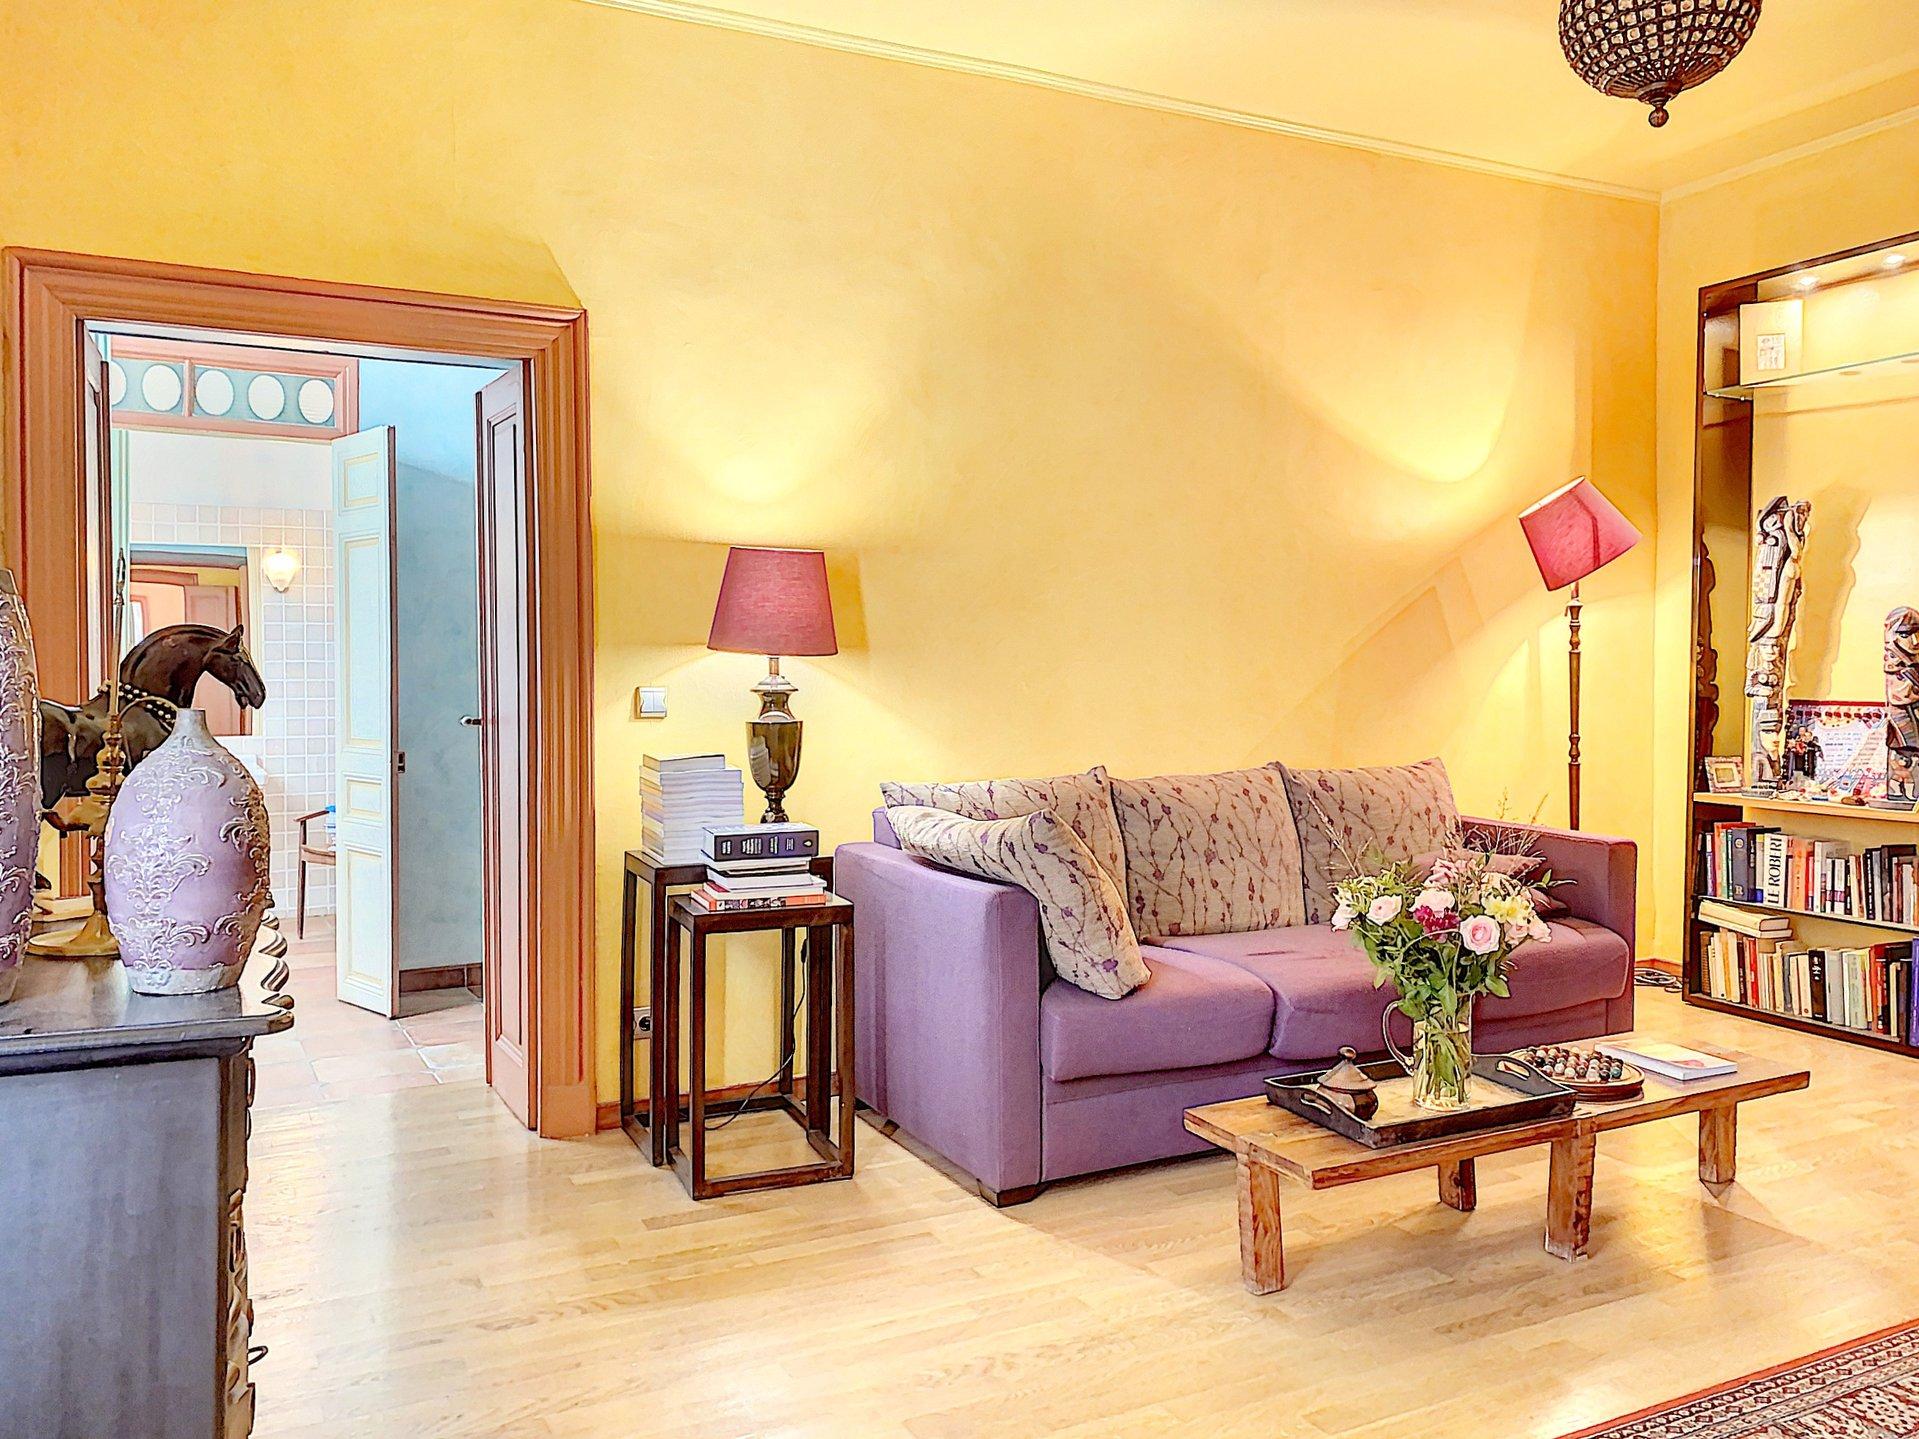 FÖRSÄLJNING Lägenhet 3 Rum Nice Gamla Stan Balkong Sublim